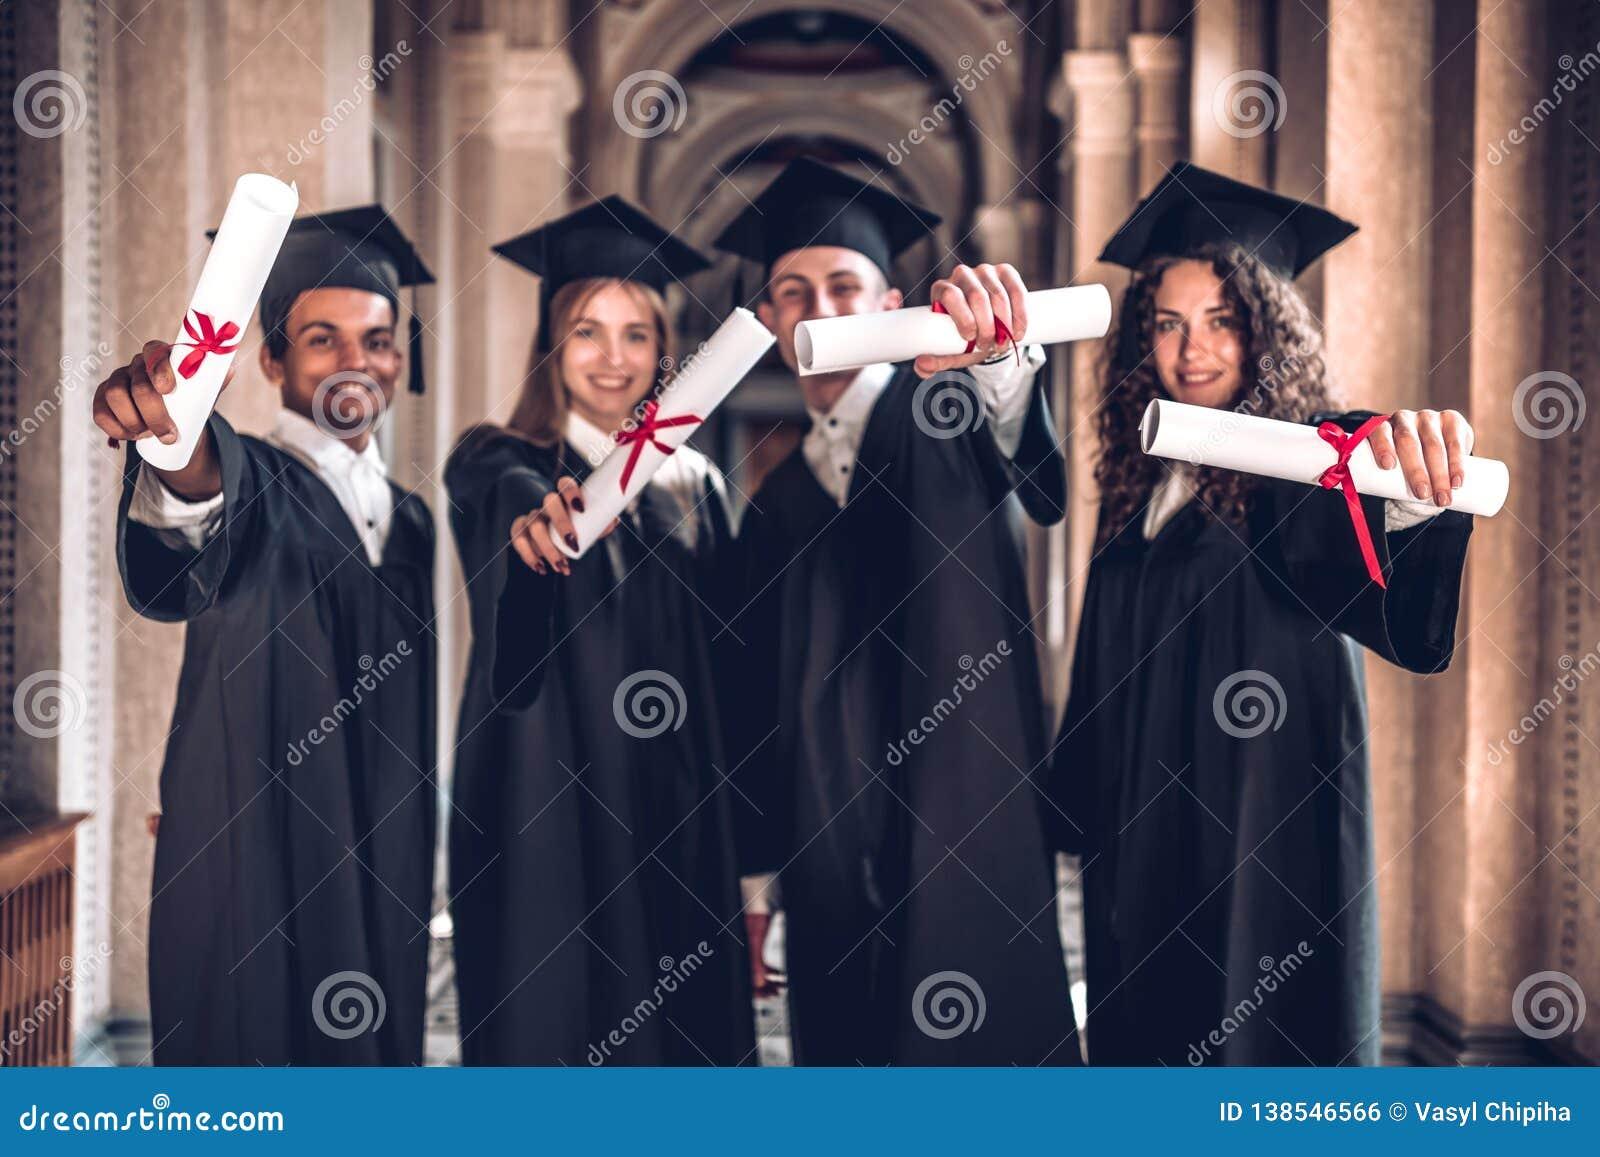 Vi arbetade hårt och fick resultat! Grupp av att le kandidater som visar deras diplom och att stå tillsammans, i korridor och att